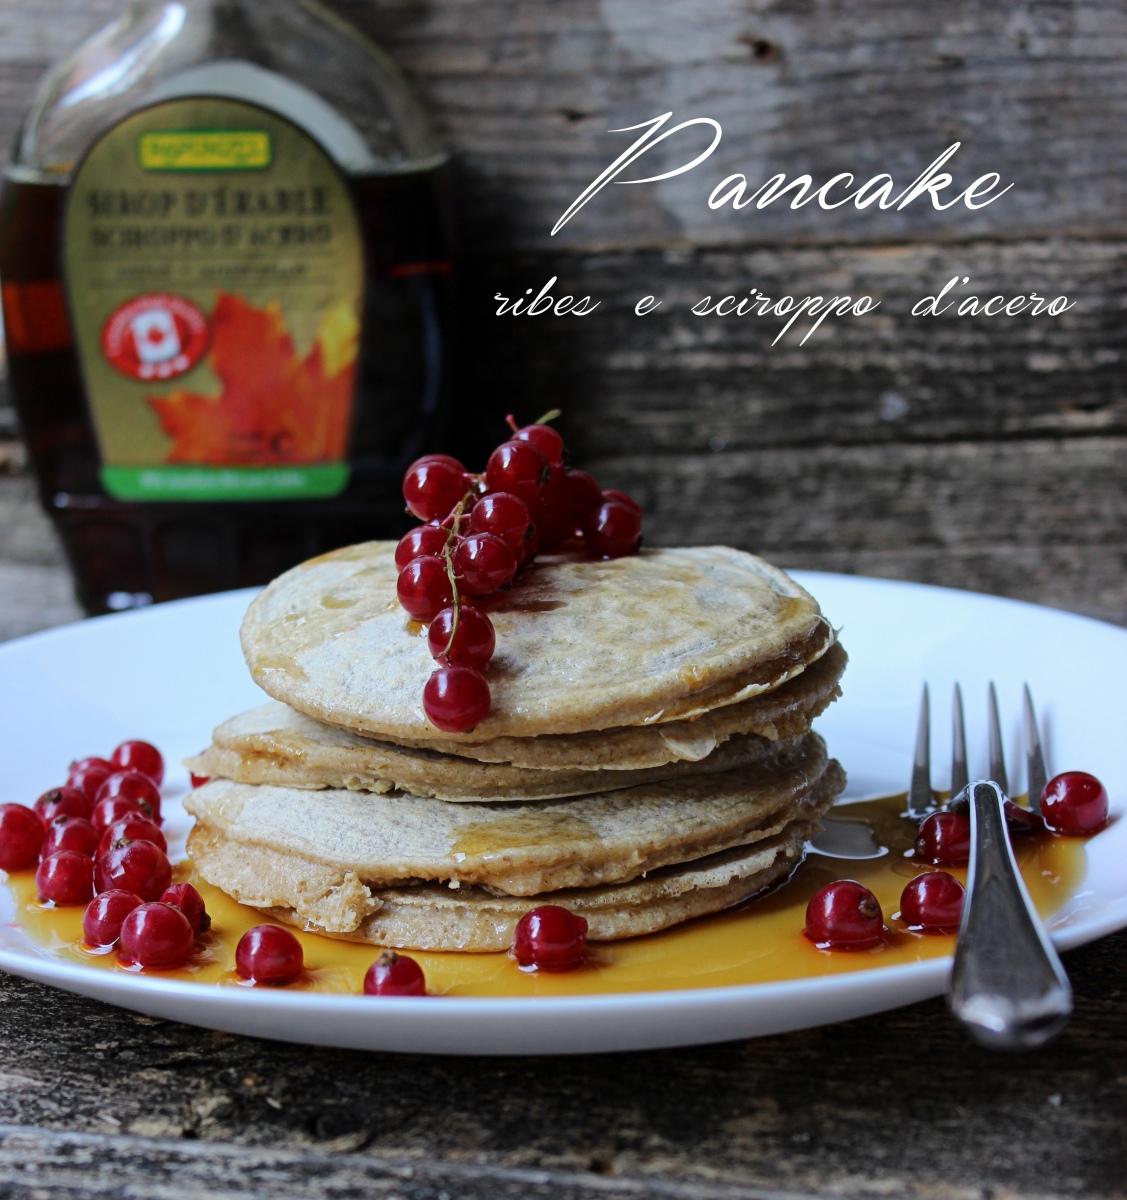 Pancake con sciroppo d'acero e ribes